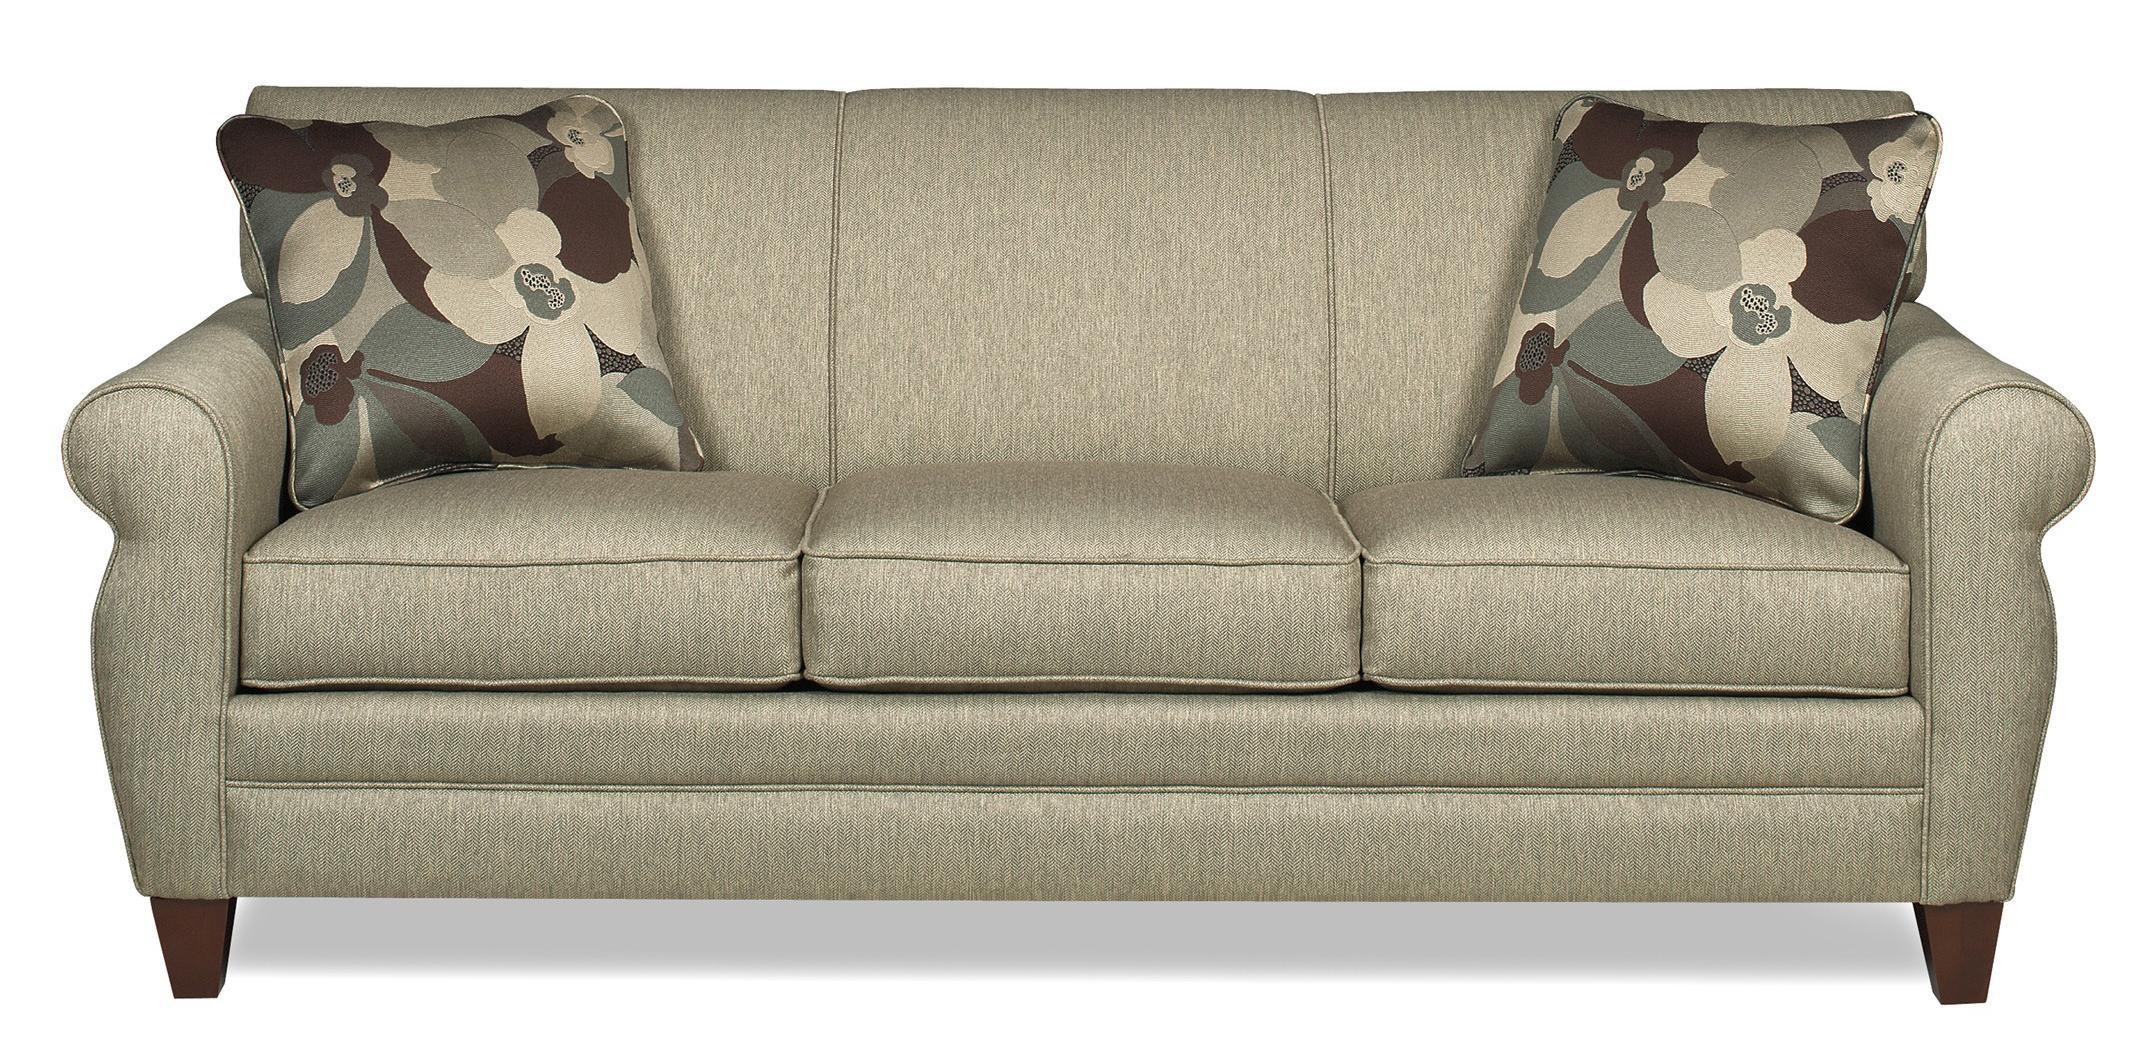 7388 Sofa by Craftmaster at Bullard Furniture